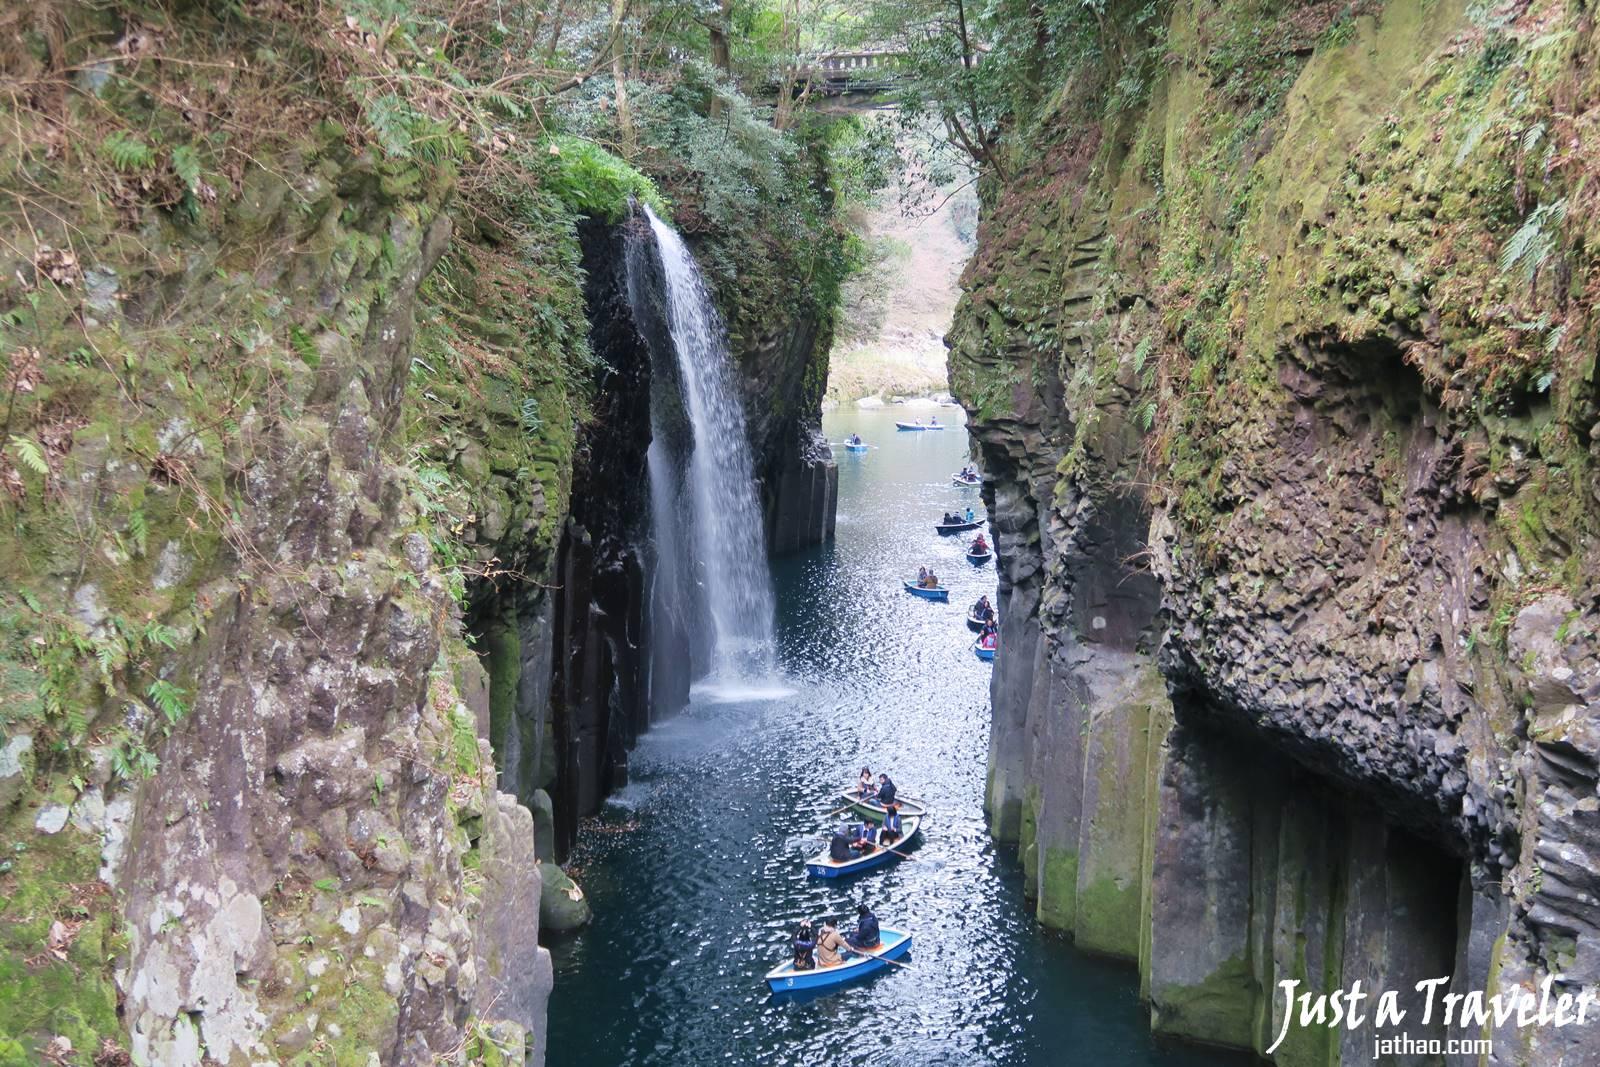 九州-九州景點-推薦-高千穗峽-九州行程-九州必玩景點-九州必遊景點-九州旅遊景點-九州自由行-九州觀光景點-九州好玩景點-九州介紹-日本-Kyushu